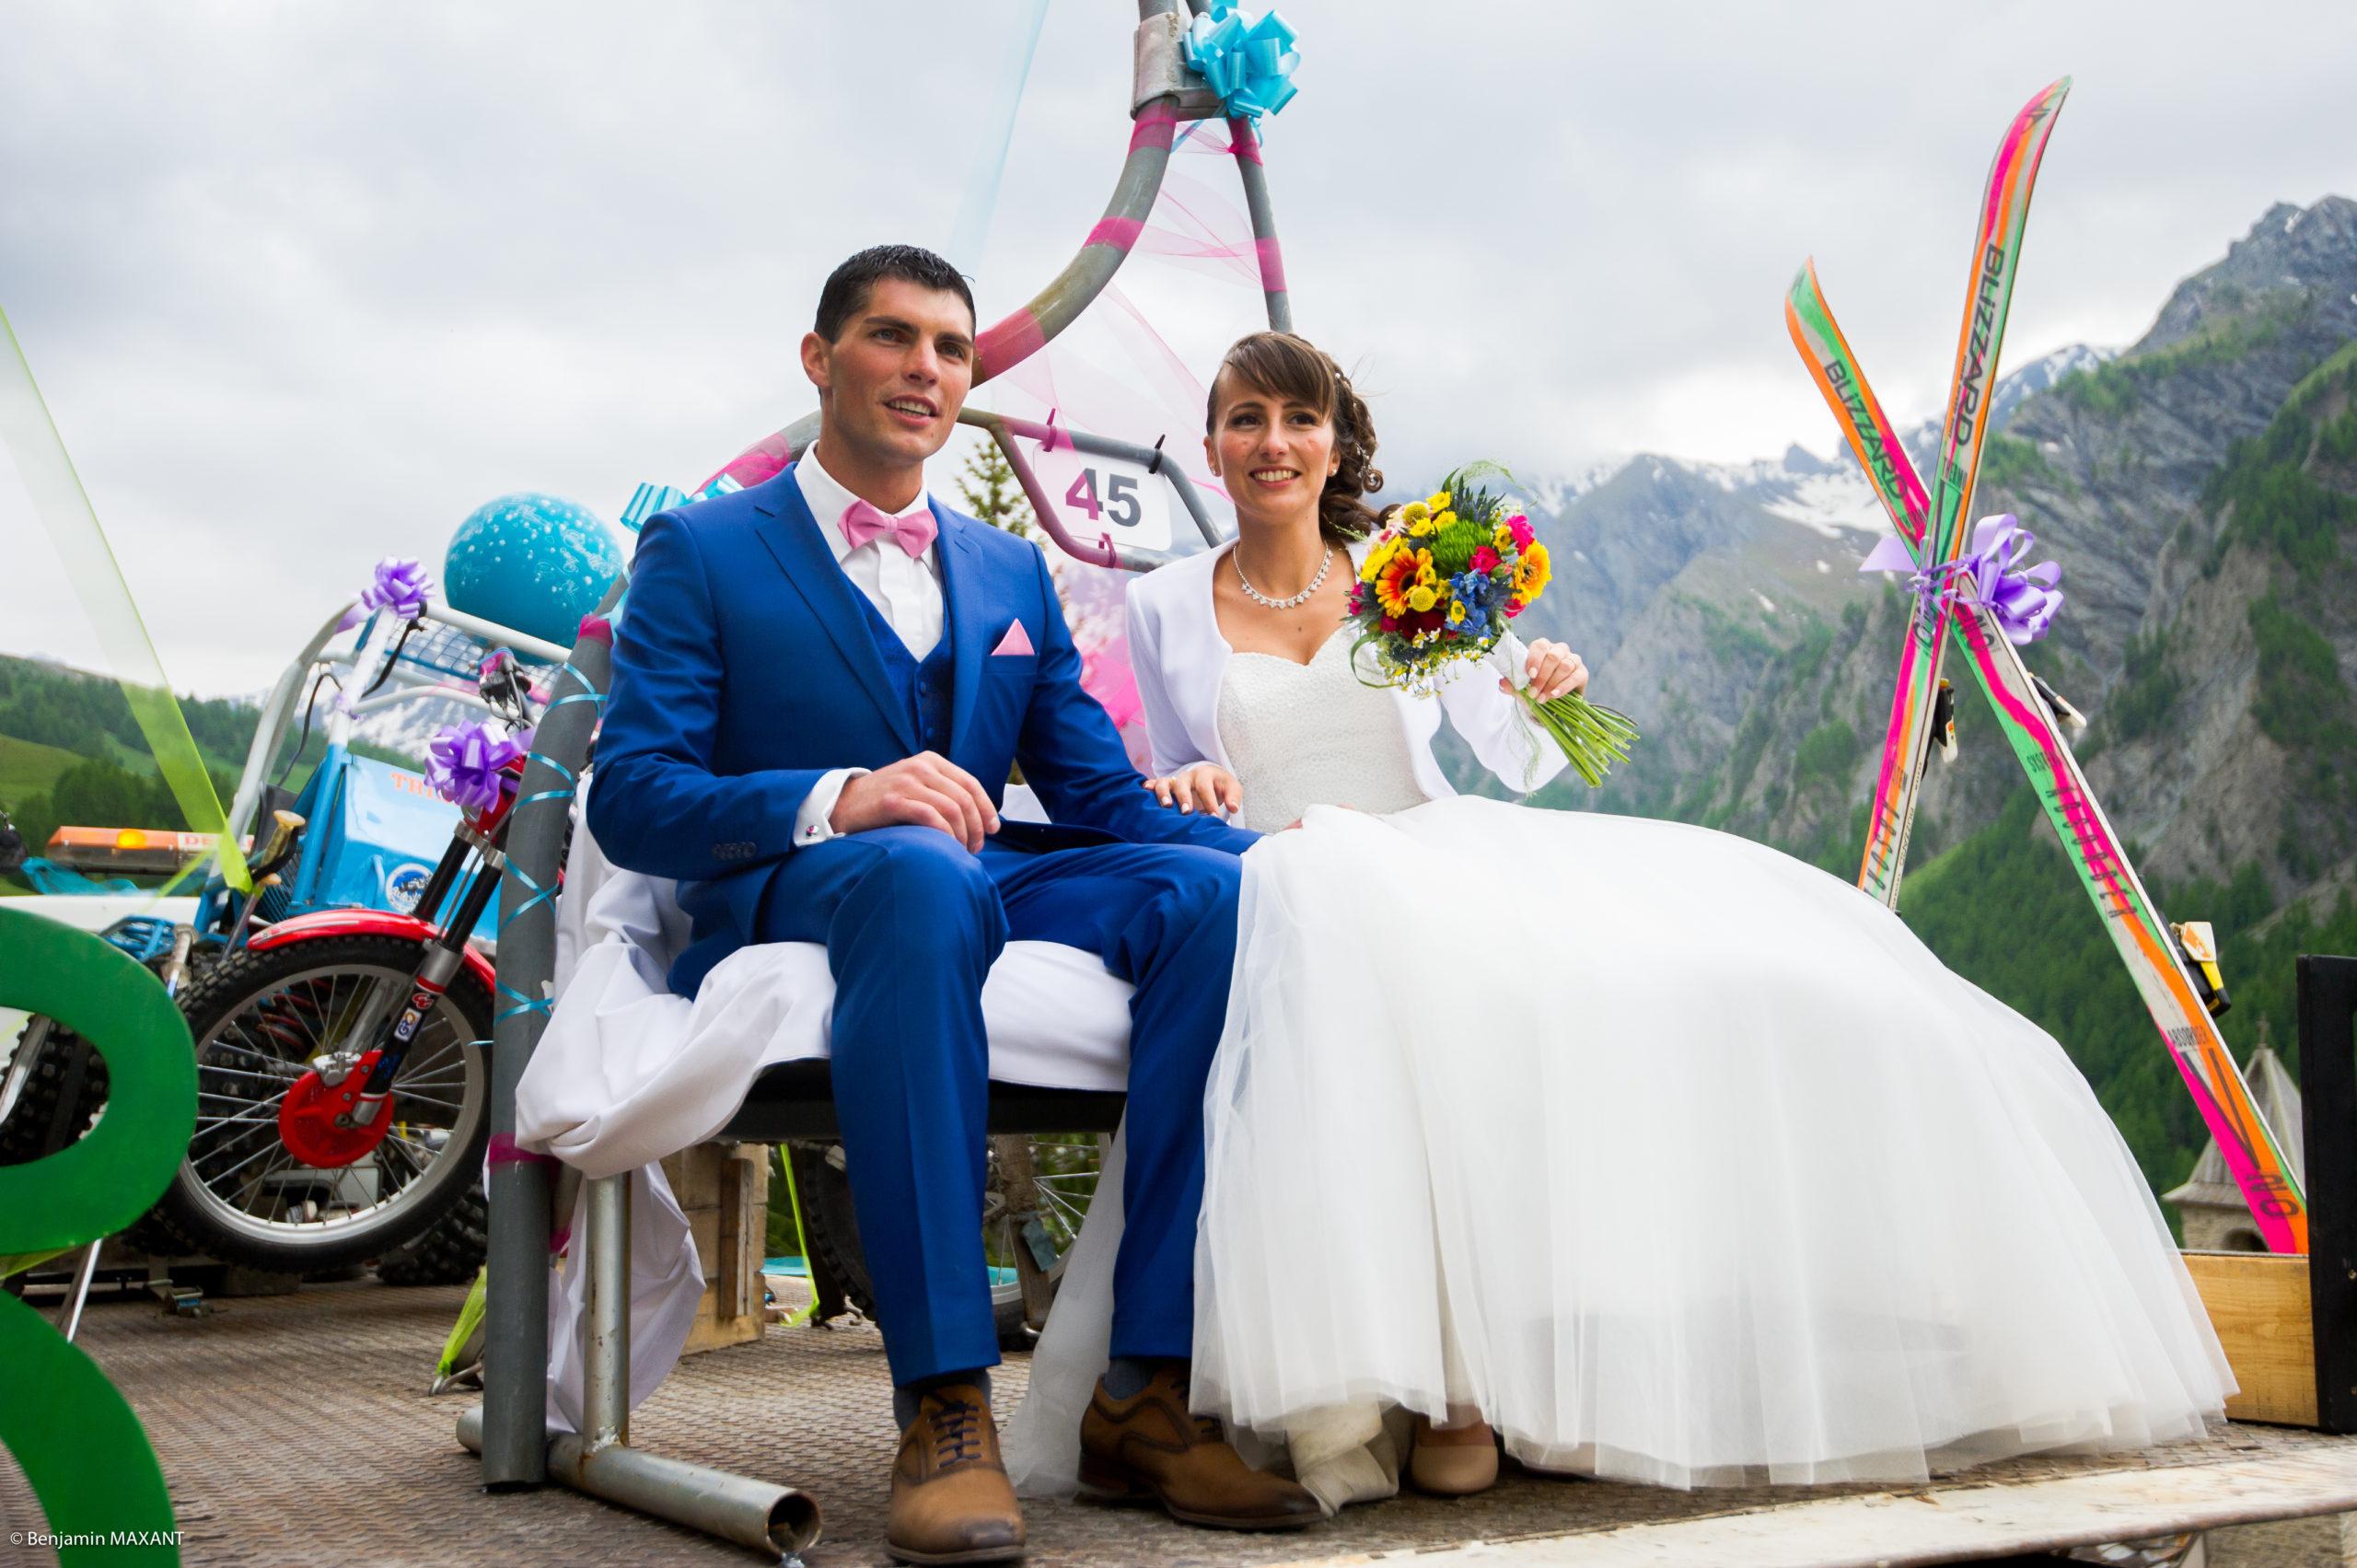 Les mariés sur le plateau du camion avec leurs passions : ski et moto et 4x4